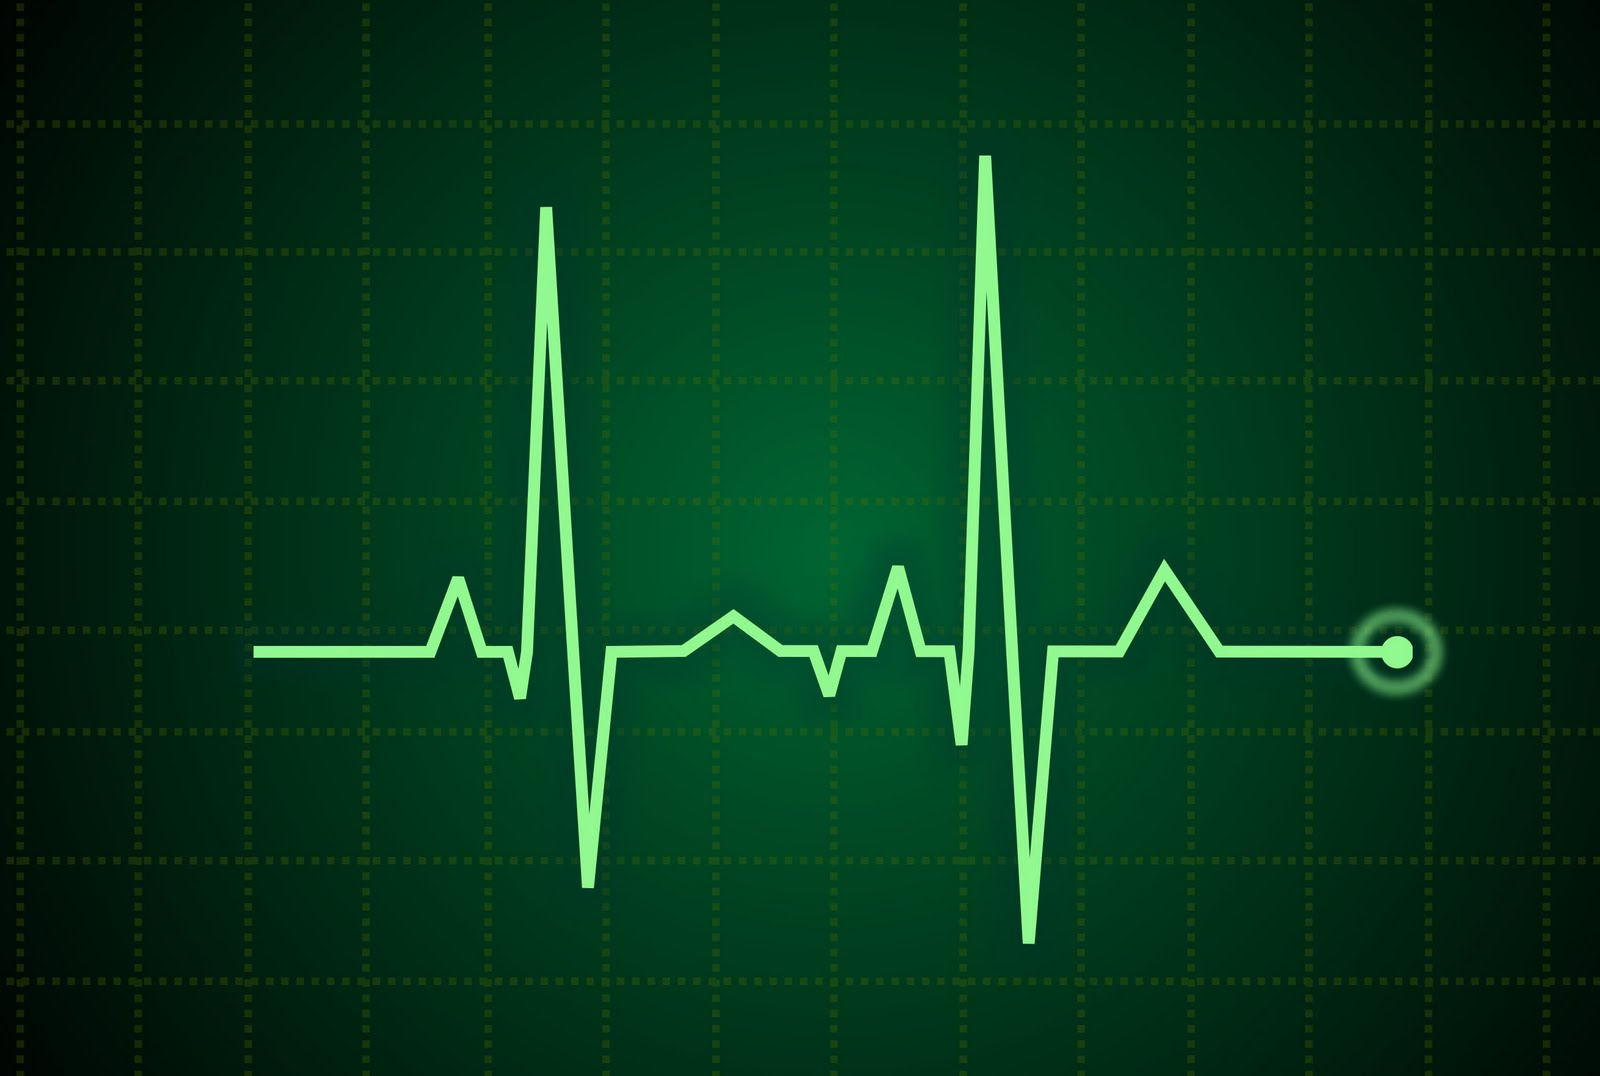 calcular-frecuencia-cardiaca